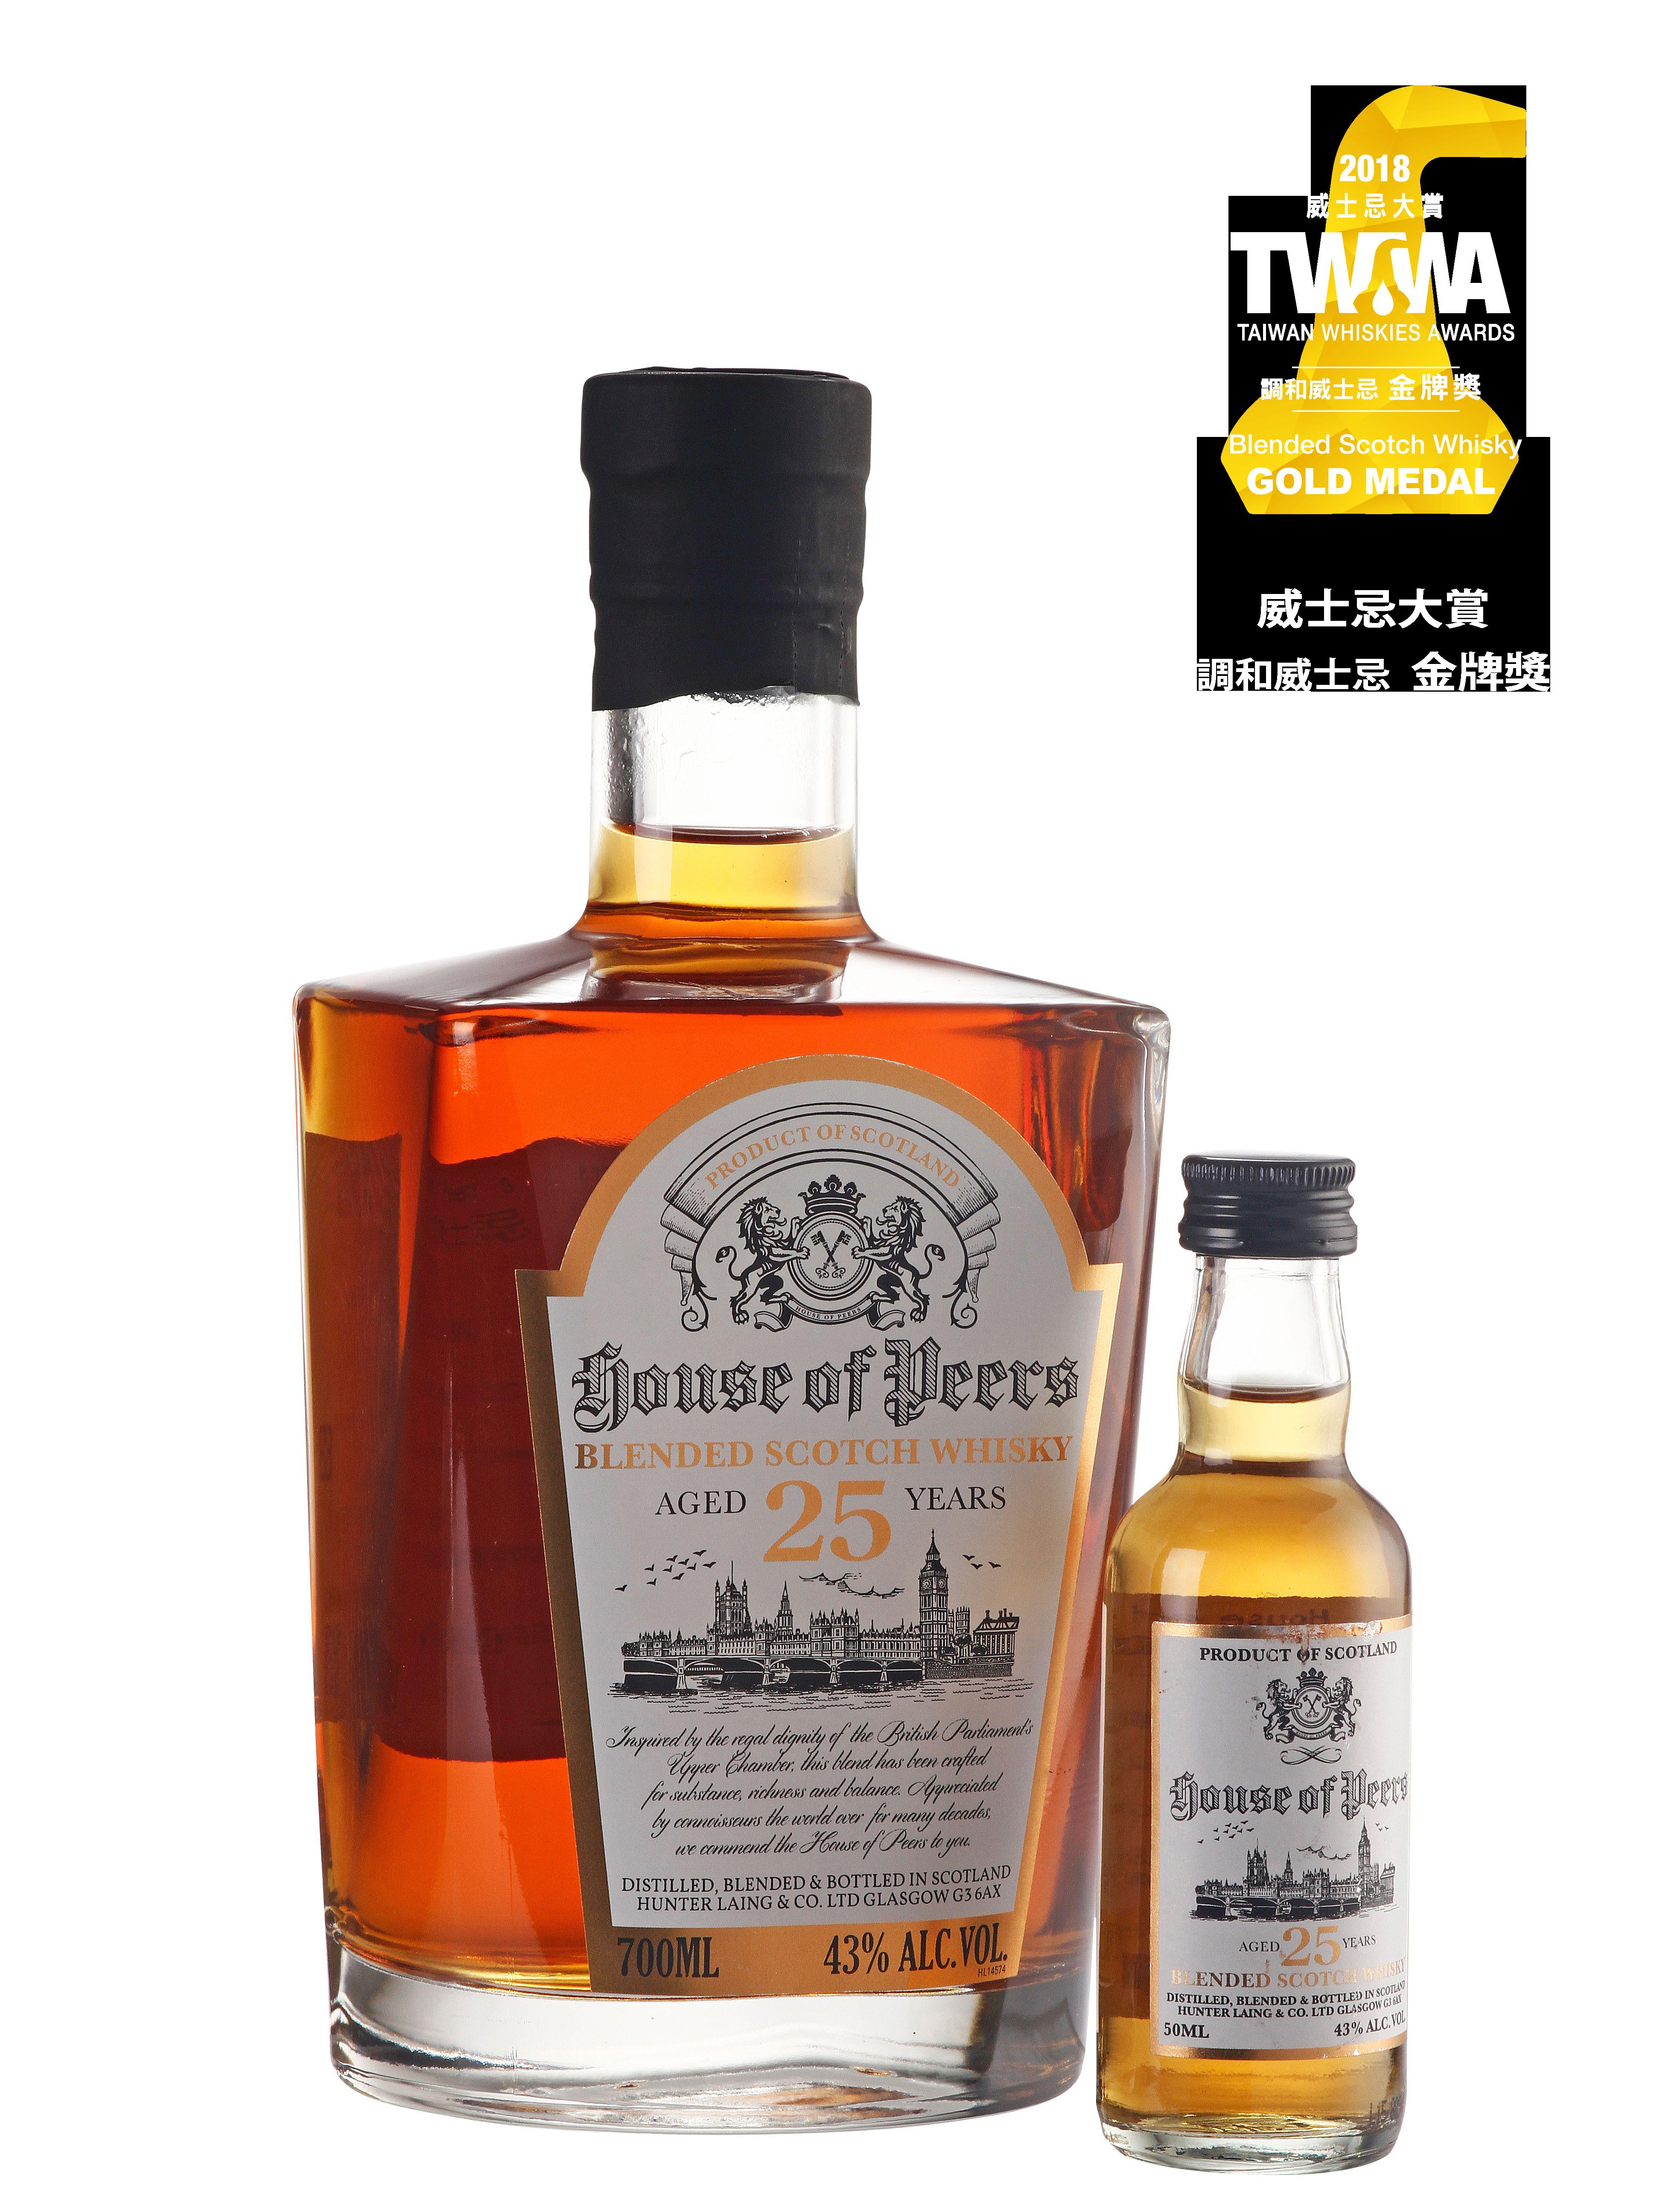 皮爾斯調和威士忌25年深沉珍稀款